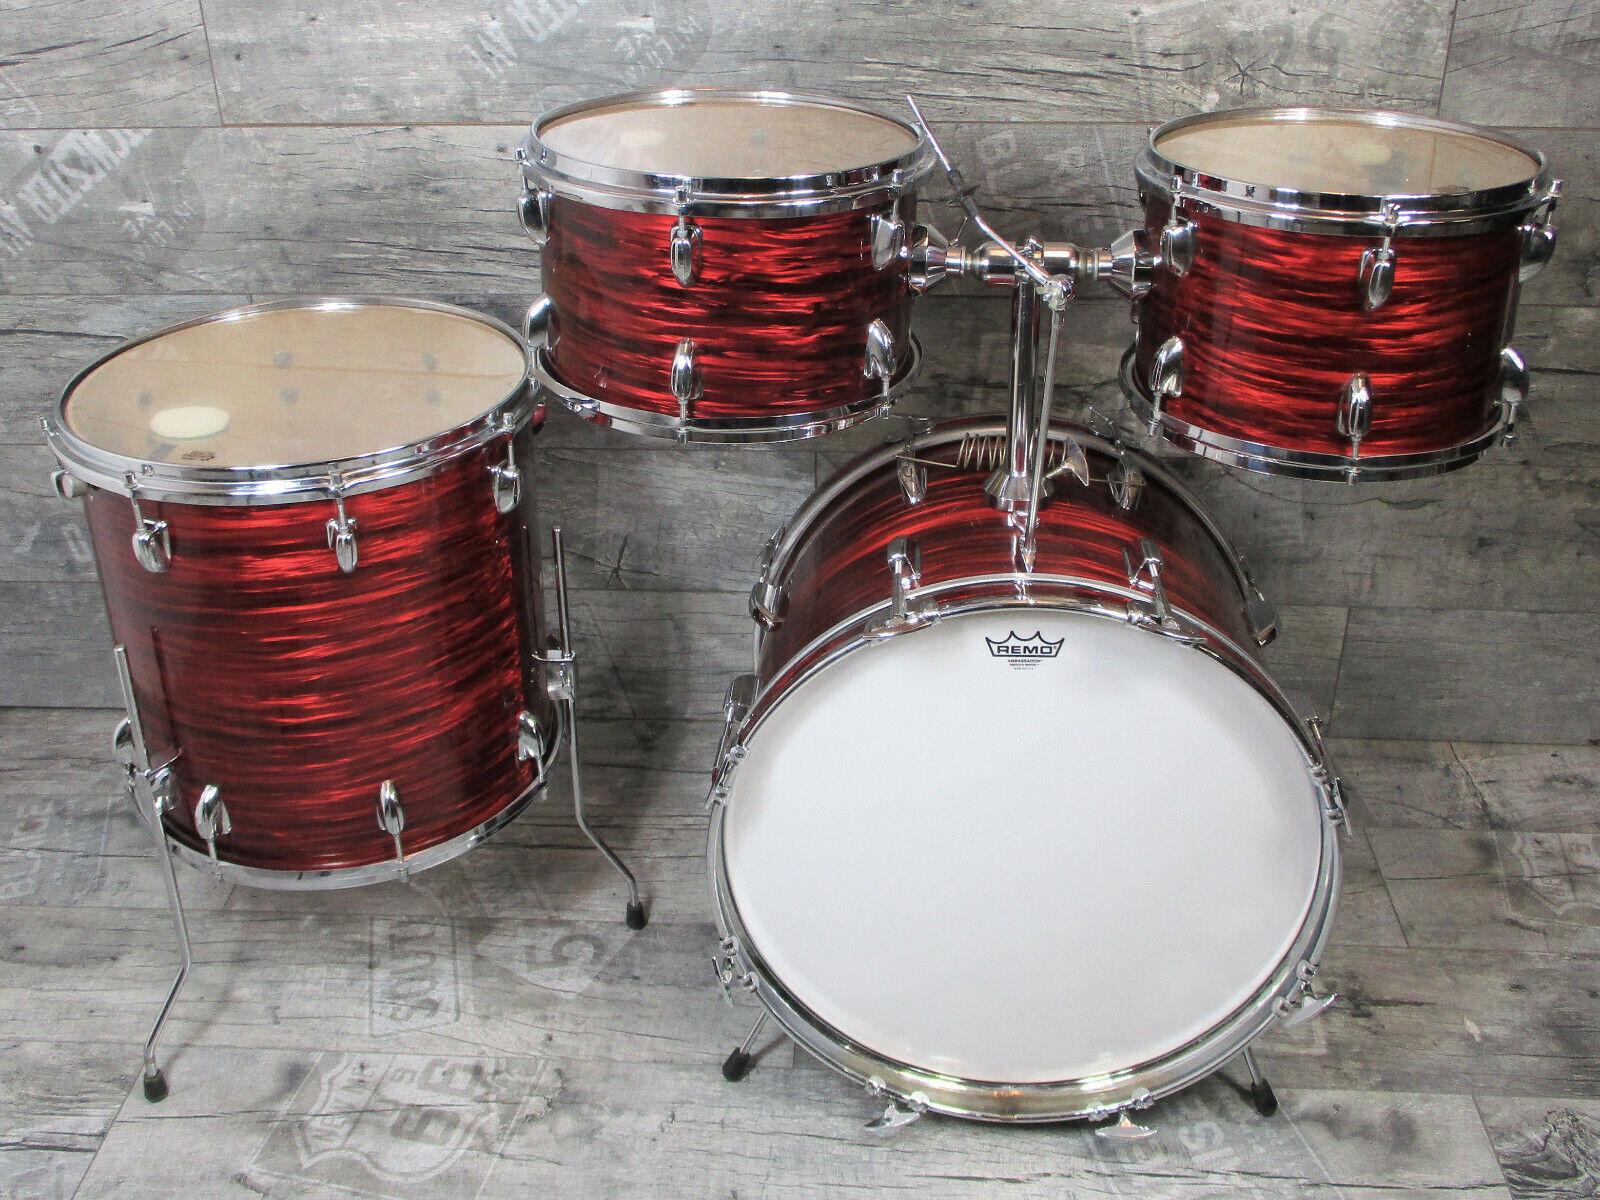 Rimmel 60s   70s Vintage Drumset Shellset 20,12,13,16 rot Oyster Schlagzeug